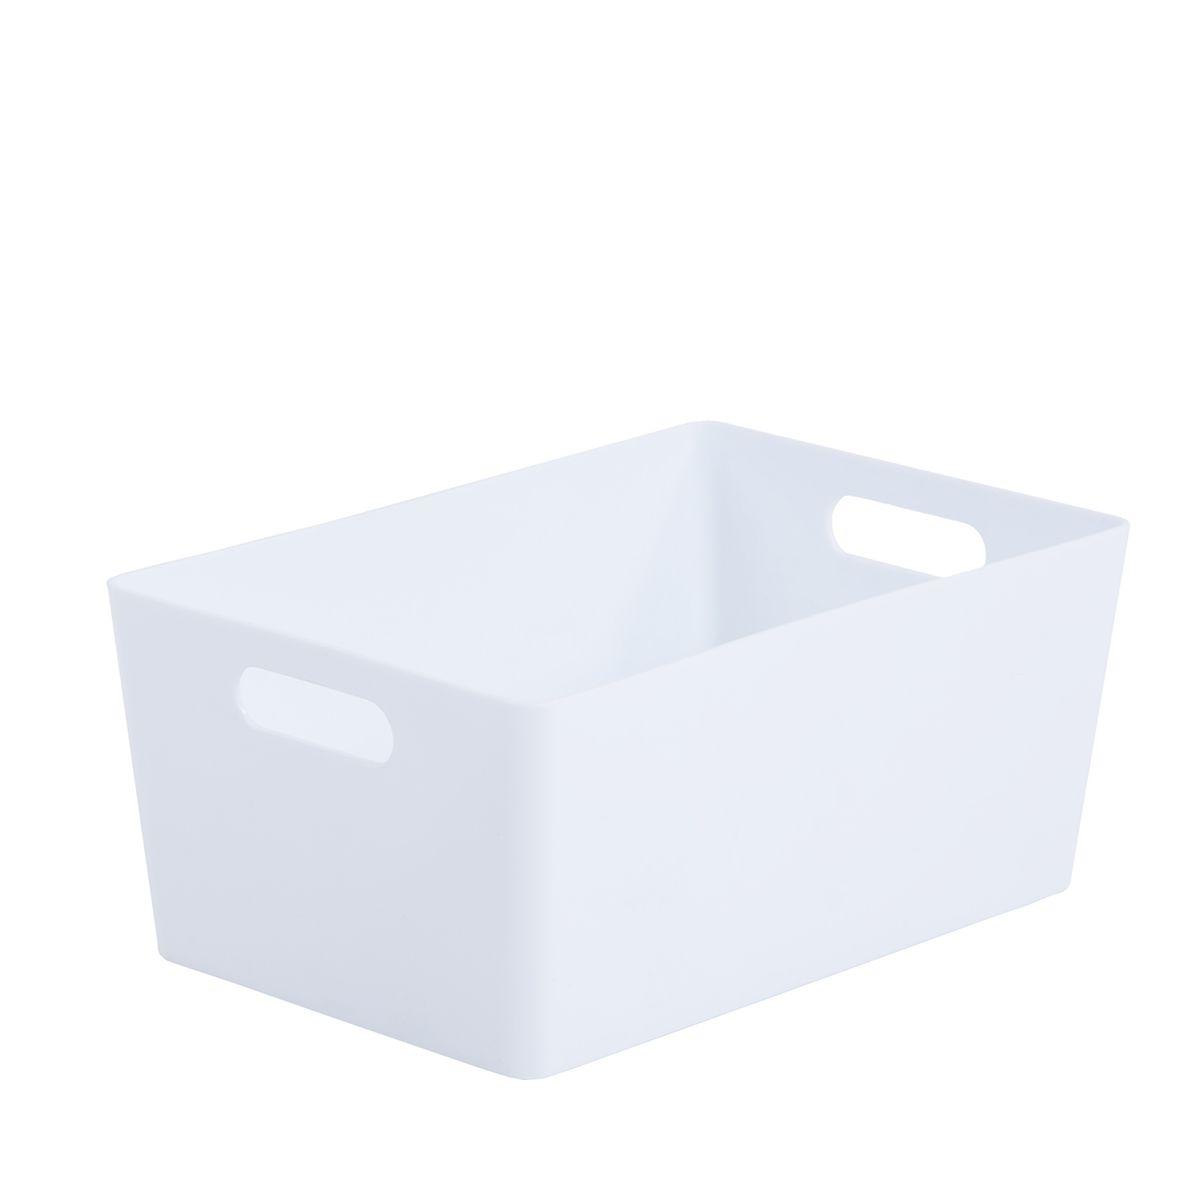 Wham Rectangular Studio Store Basket 4.02 - Ice White